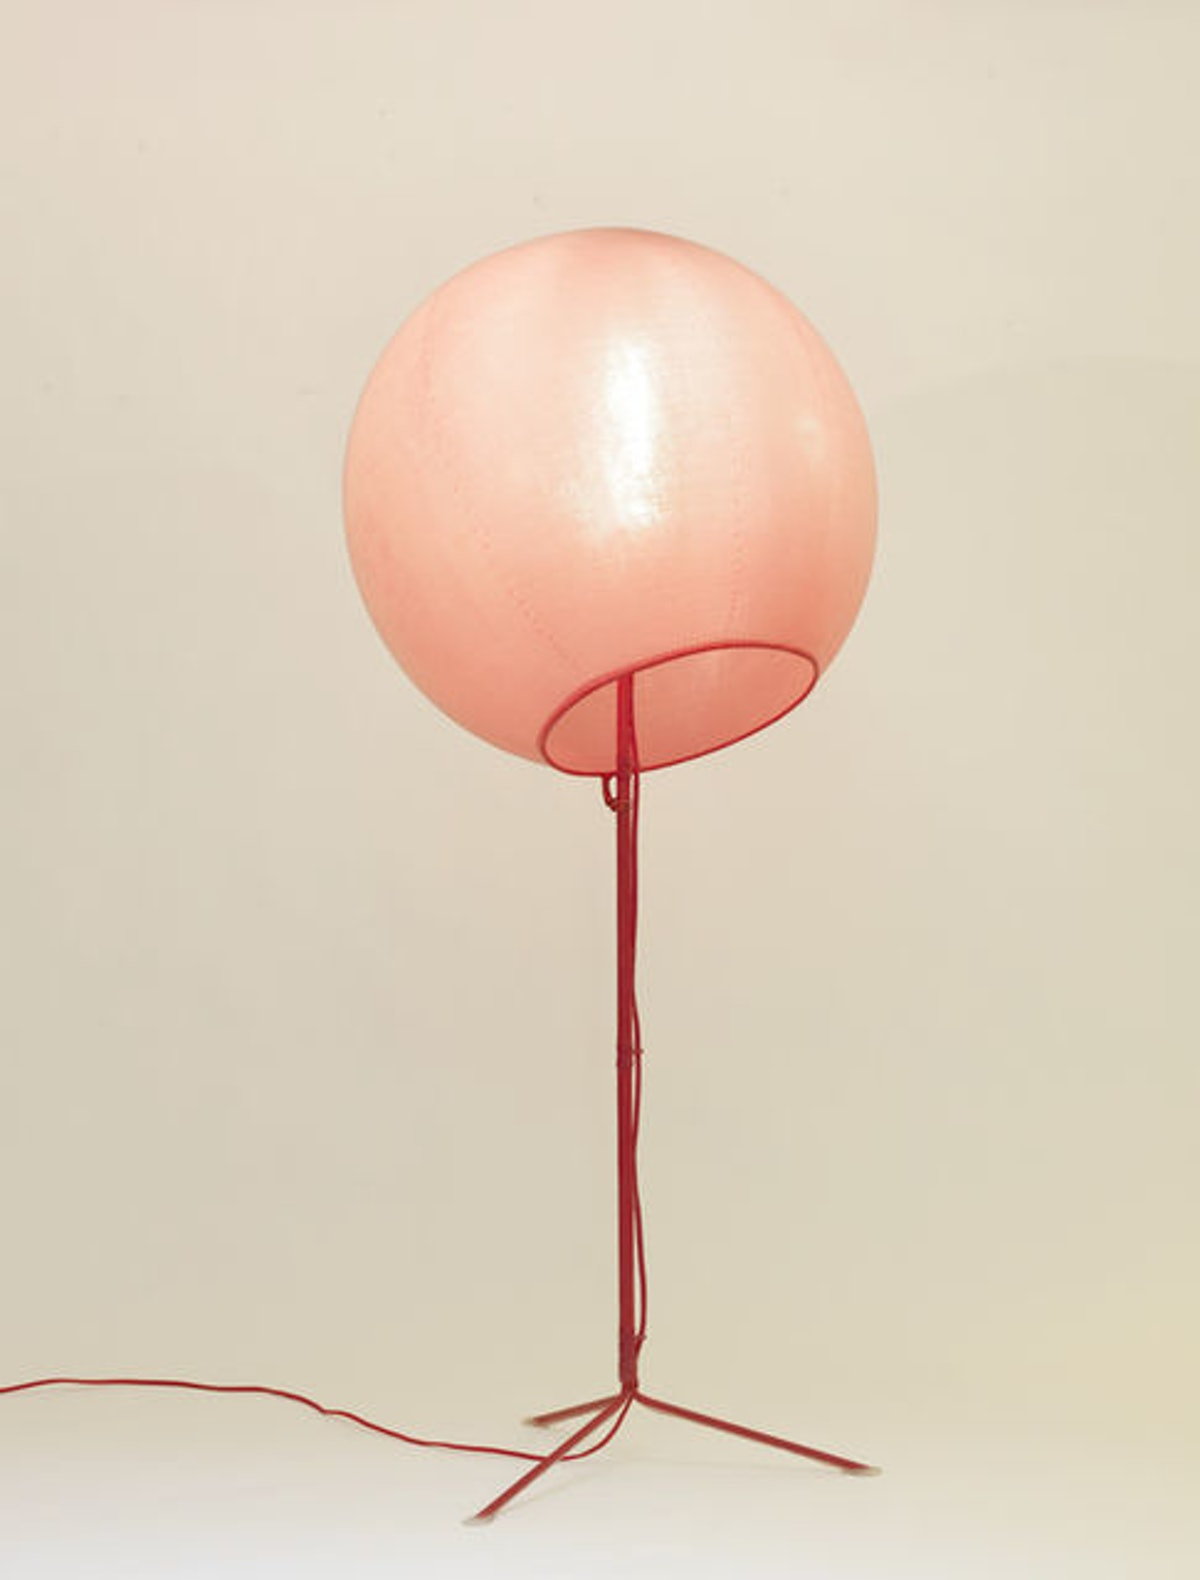 """Wieki Somers, """"Frozen Lantern"""", 2010"""